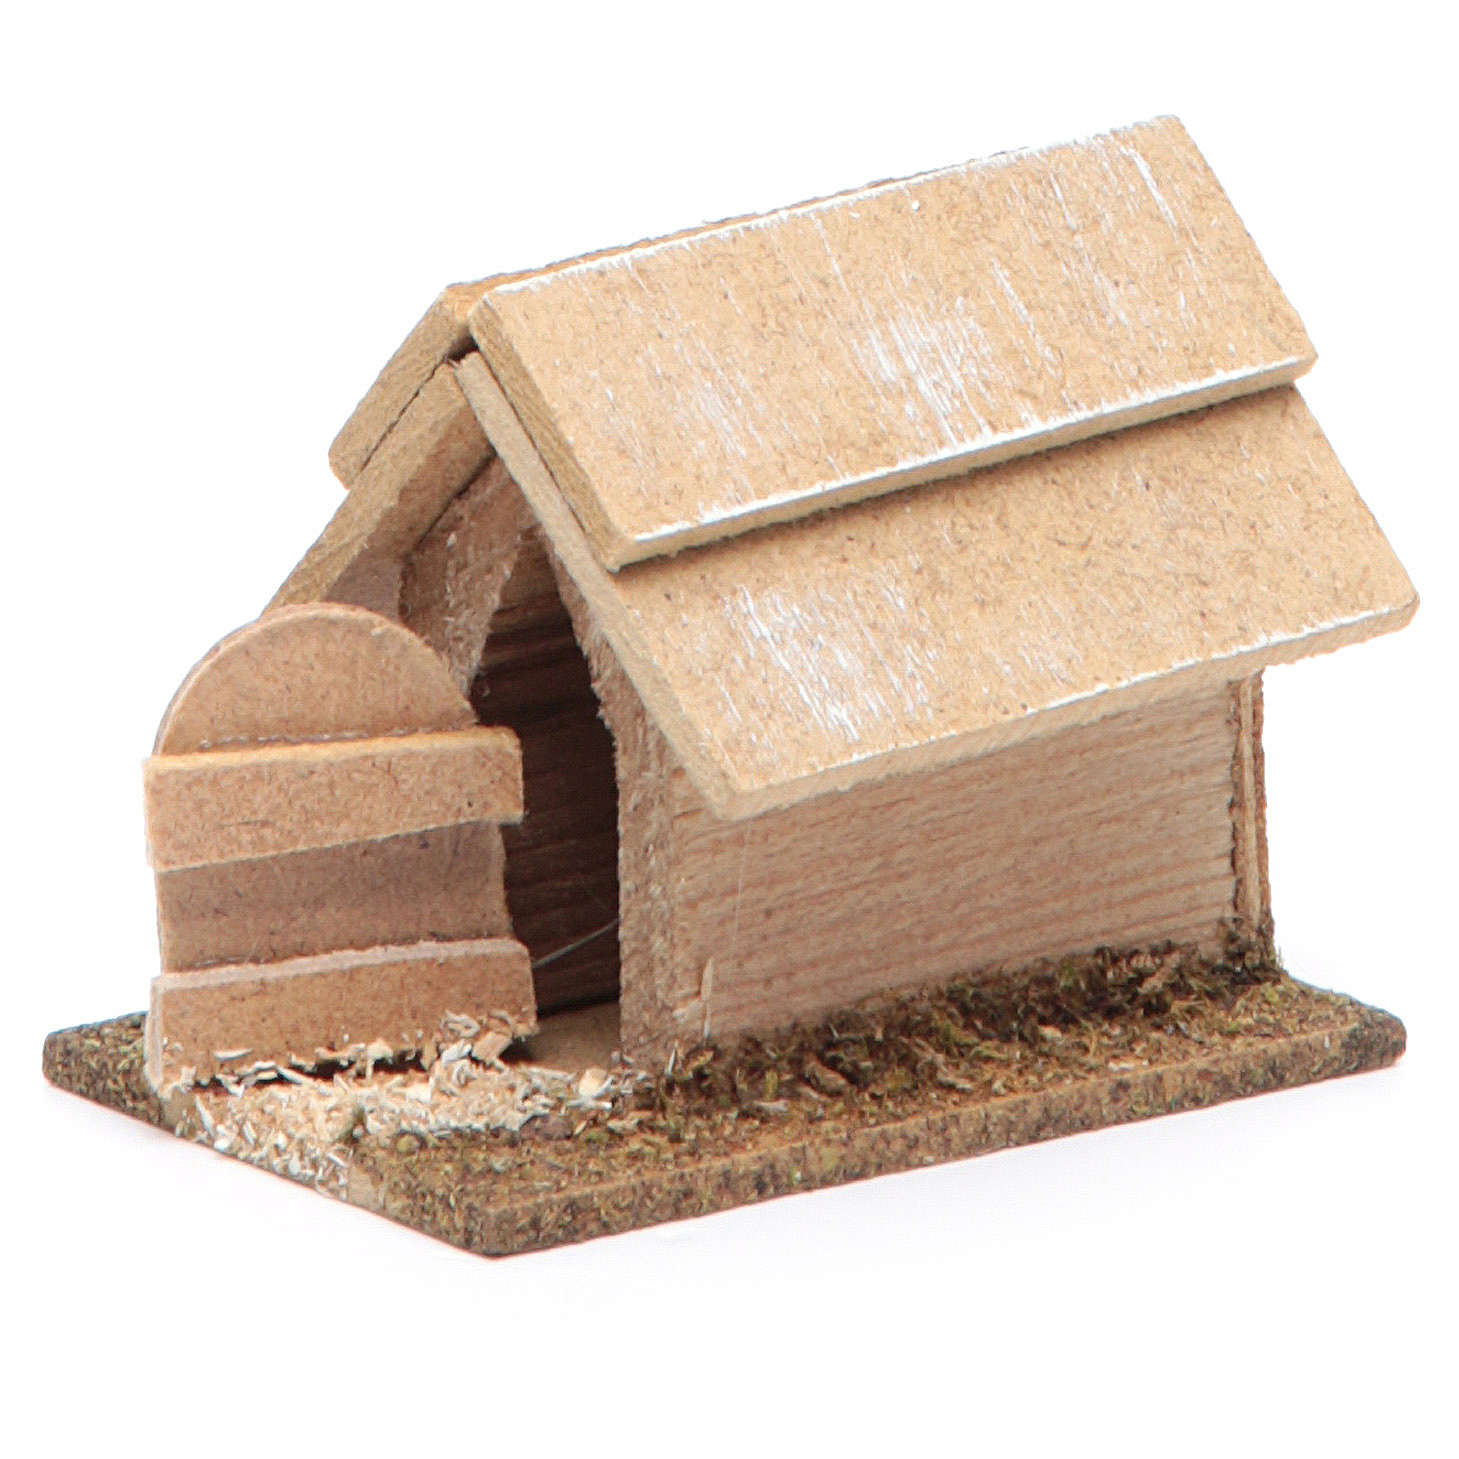 Cuccia per cane in legno per presepe 10 cm 3